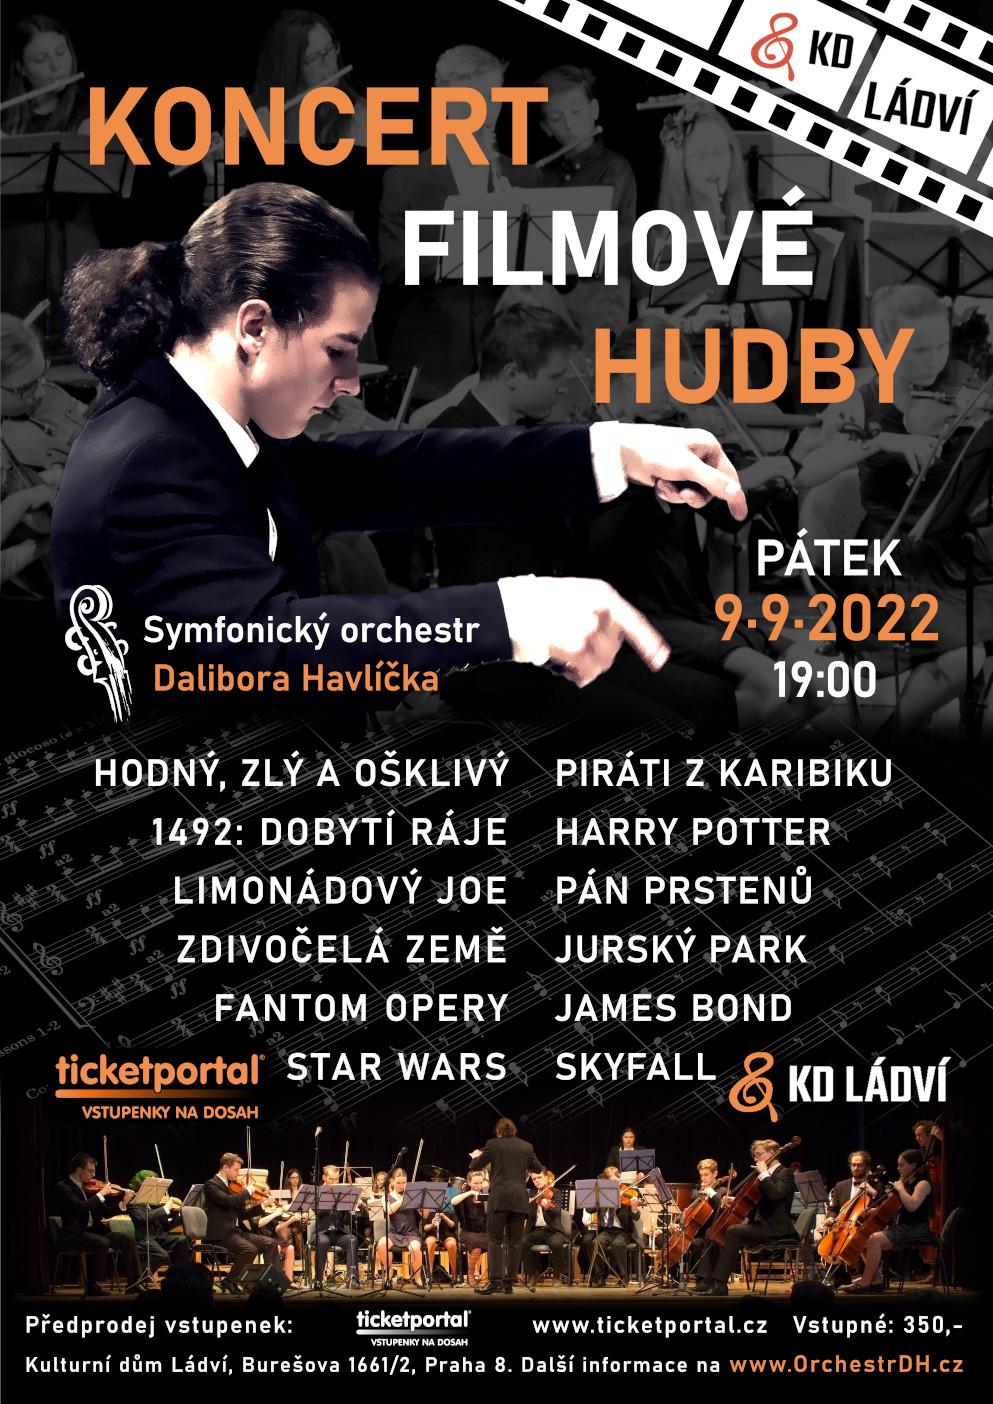 Koncert filmové hudby -Kulturní dům Ládví, Burešova 1661, Praha 8